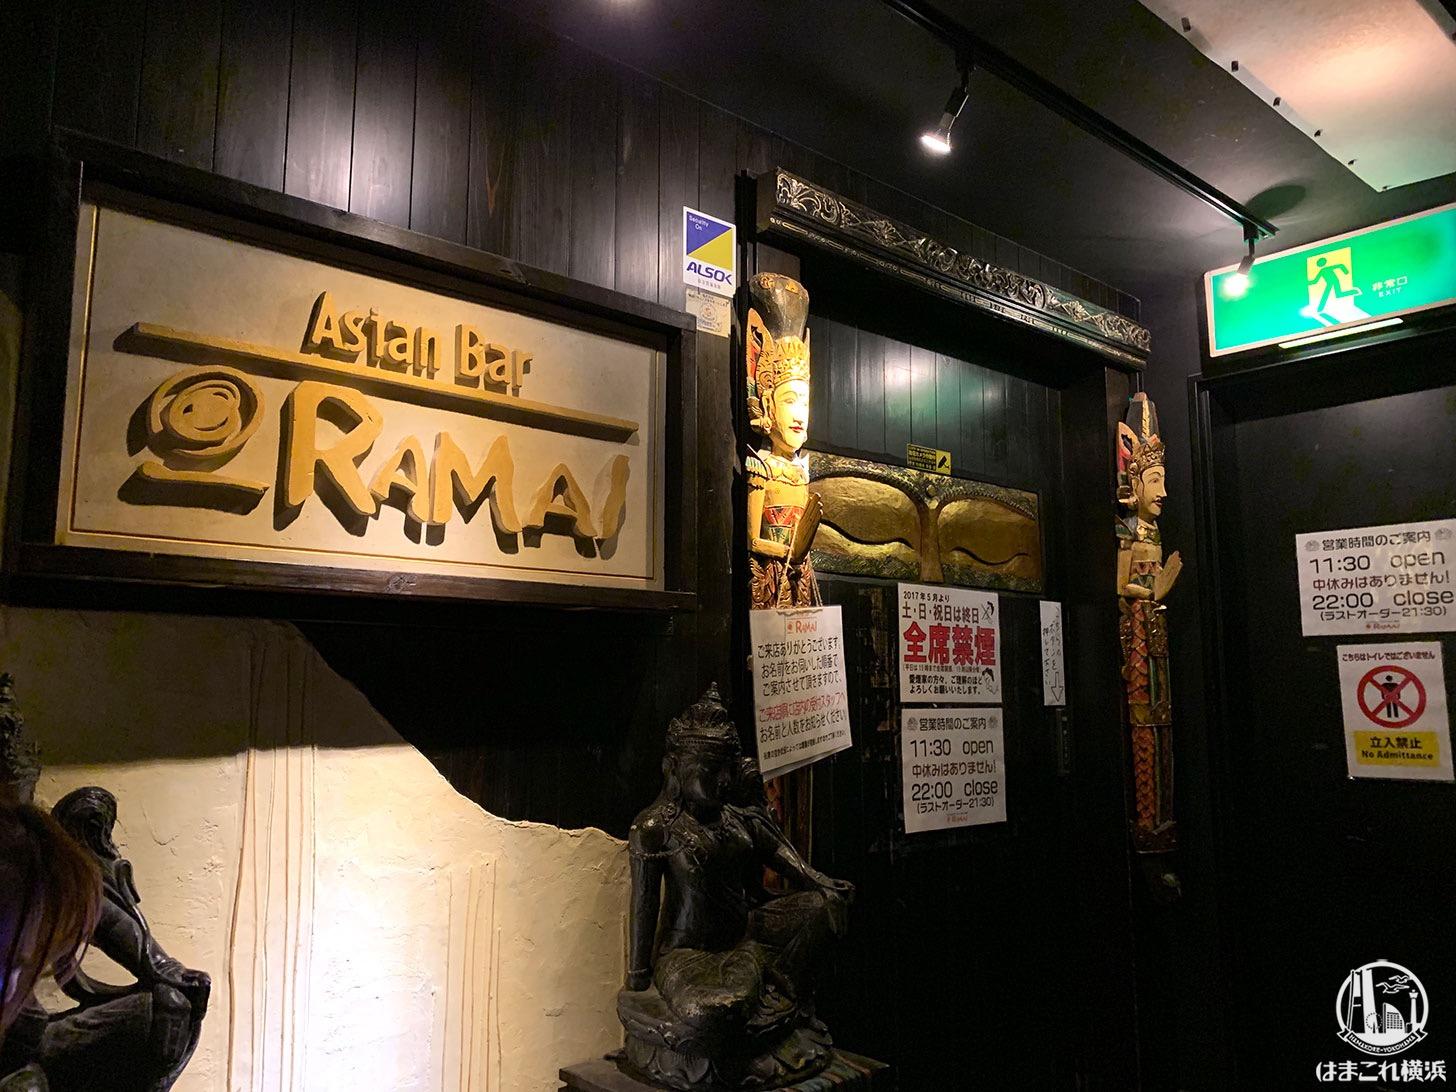 ラマイ 伊勢佐木モール店 店舗入口・外観